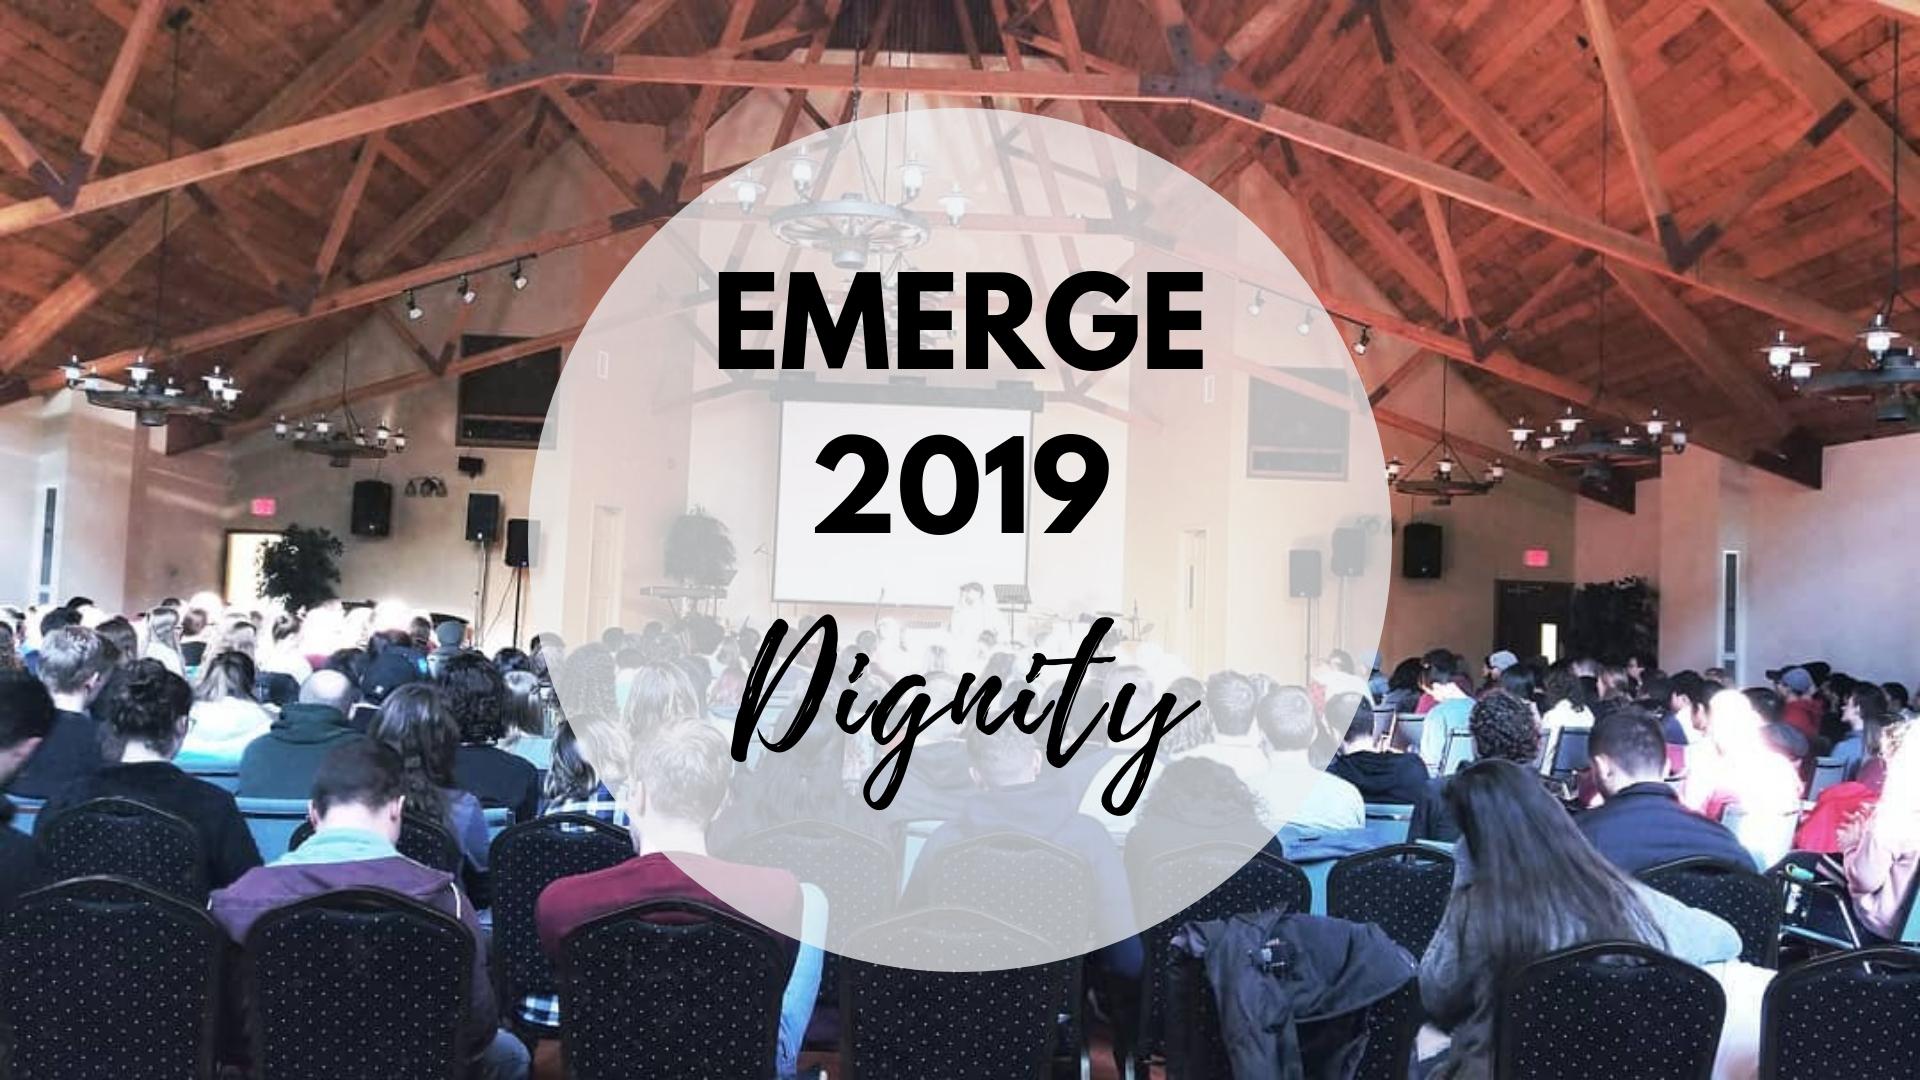 Emerge - January 2019